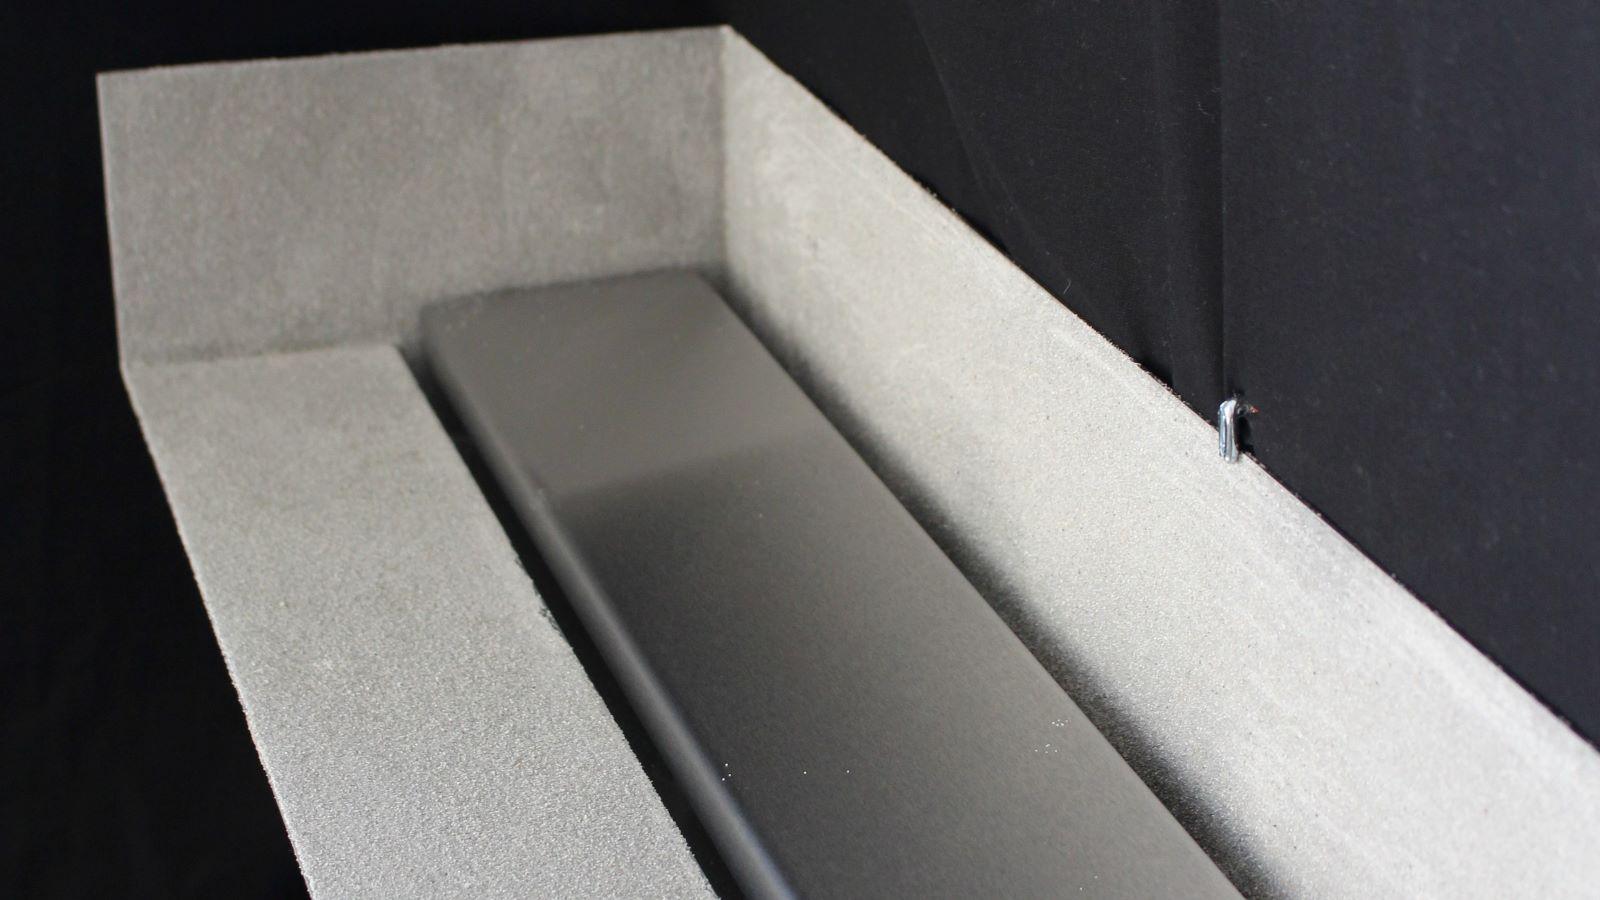 Abgebildet ist die unempfindliche, nicht rostende V4a edelstahl-duschrinne pro s mit dem ueber die gesamte laenge eingebauten sandfang / schlammfang / schmutzfang. Die hochwertige, langlebige abdeckung aus gebuerstetem v4a edelstahl dieser reihenduschrinne ist sehr pflegeleicht. Sie wird ohne werkzeug einfach zur reinigung der duschrinne pro s, einer Reihendusche mit sandfang abgenommen. Die duschrinne pro s mit ihren optimalen sonderanfertigungen fuer jeden einbau ist ideal geeignet fuer beachvolleyball-anlagen und auf sportplaetzen, bei denen viel sand in die dusche eingetragen wird